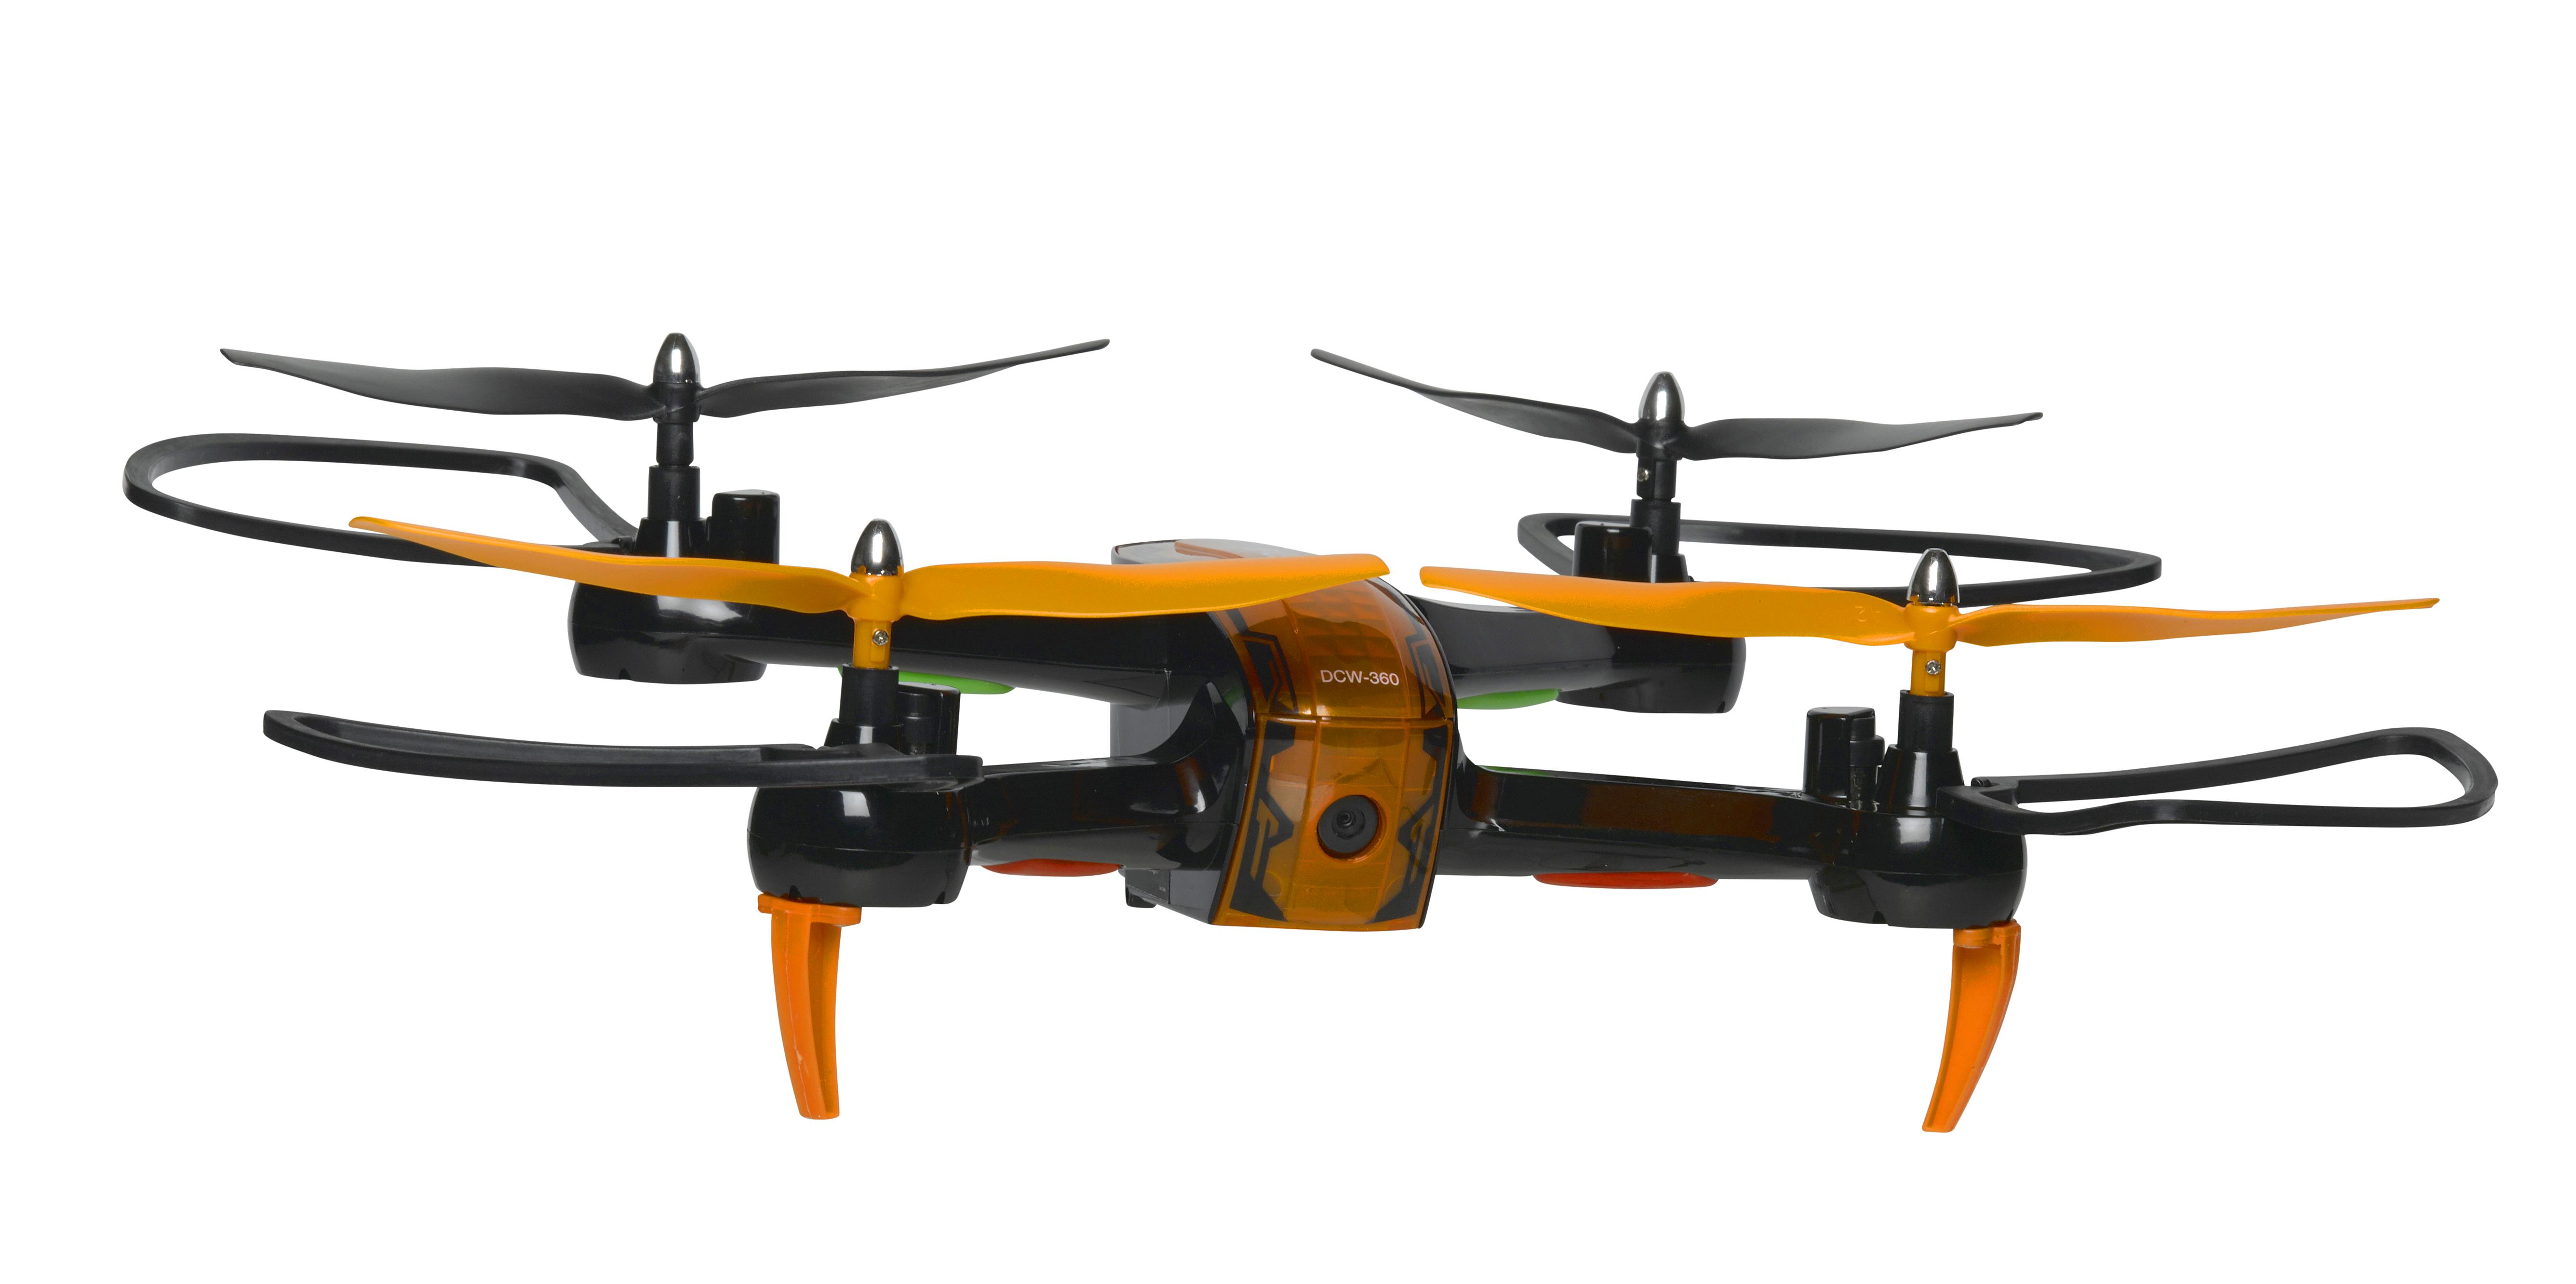 Promotion drone x pro romania, avis drone camera a monter soi meme